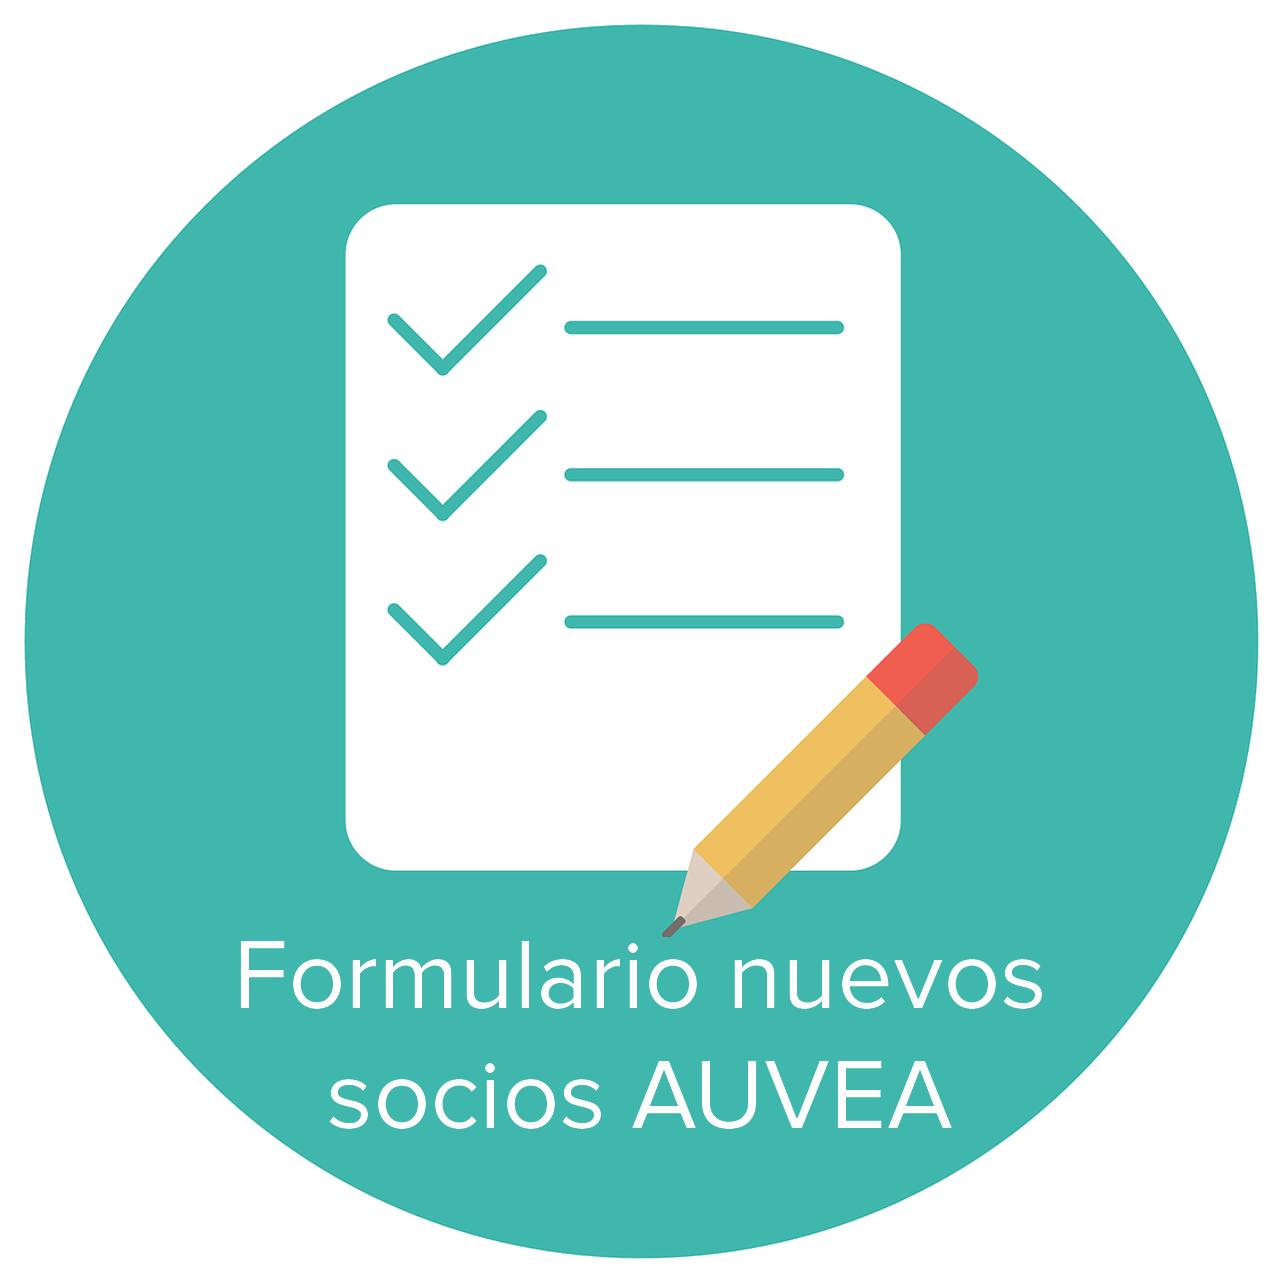 FORMULARIO NUEVOS SOCIOS AUVEA